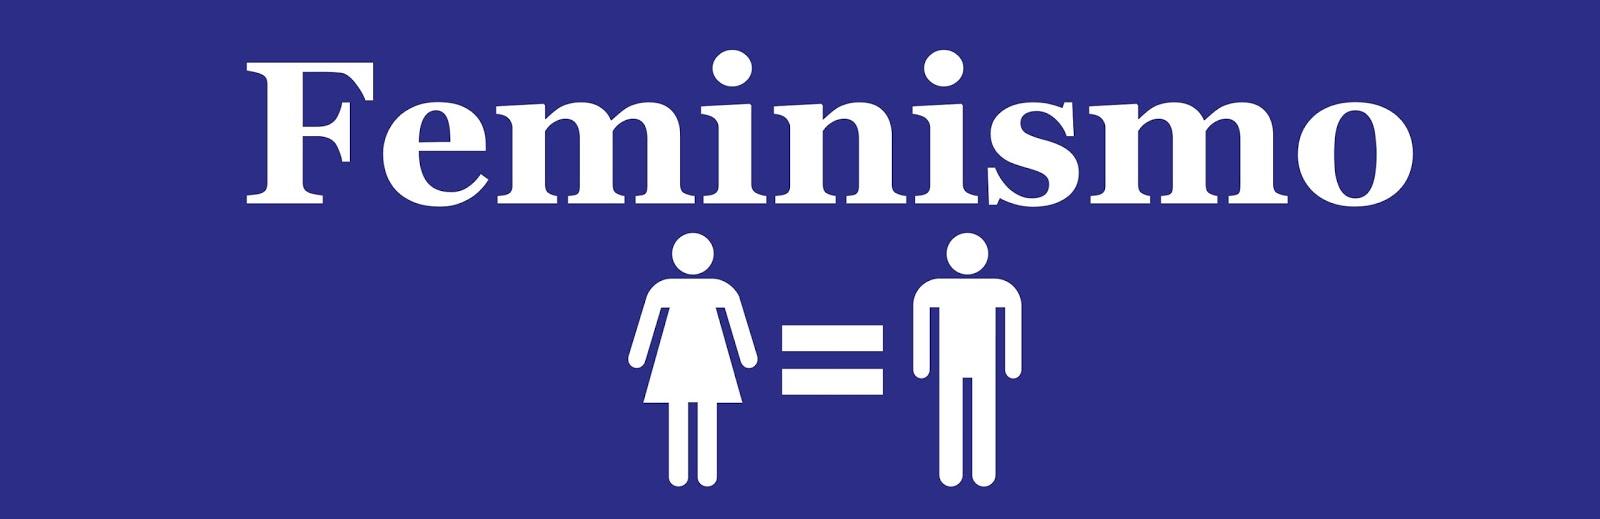 Resultado de imagem para feminismo